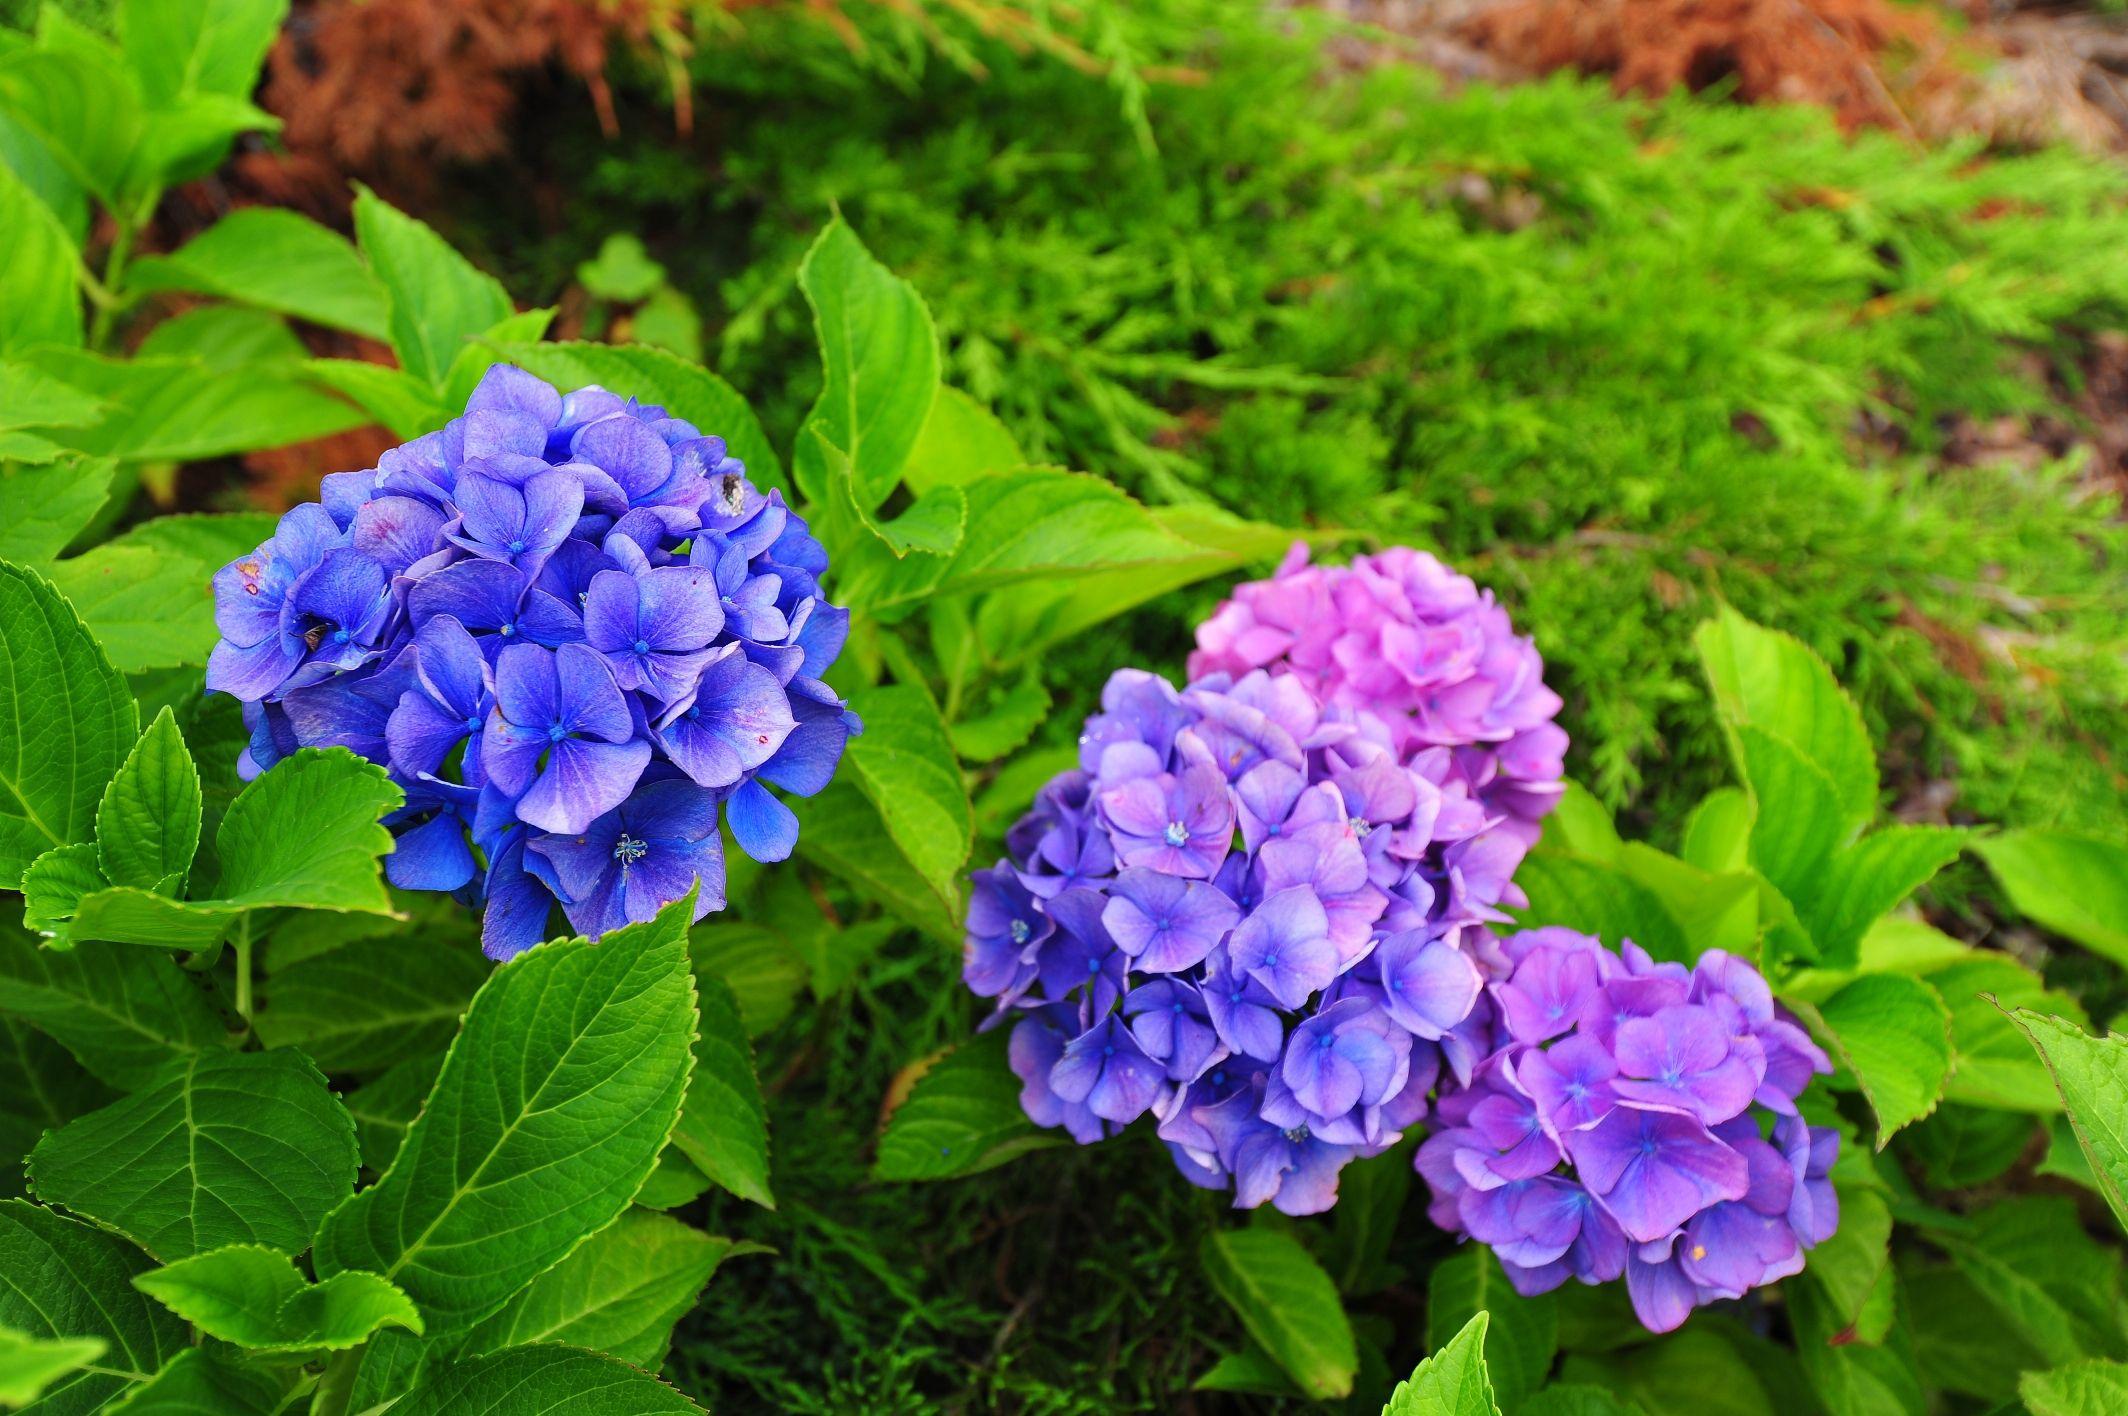 Beautiful Flower In The Garden Hydrangea